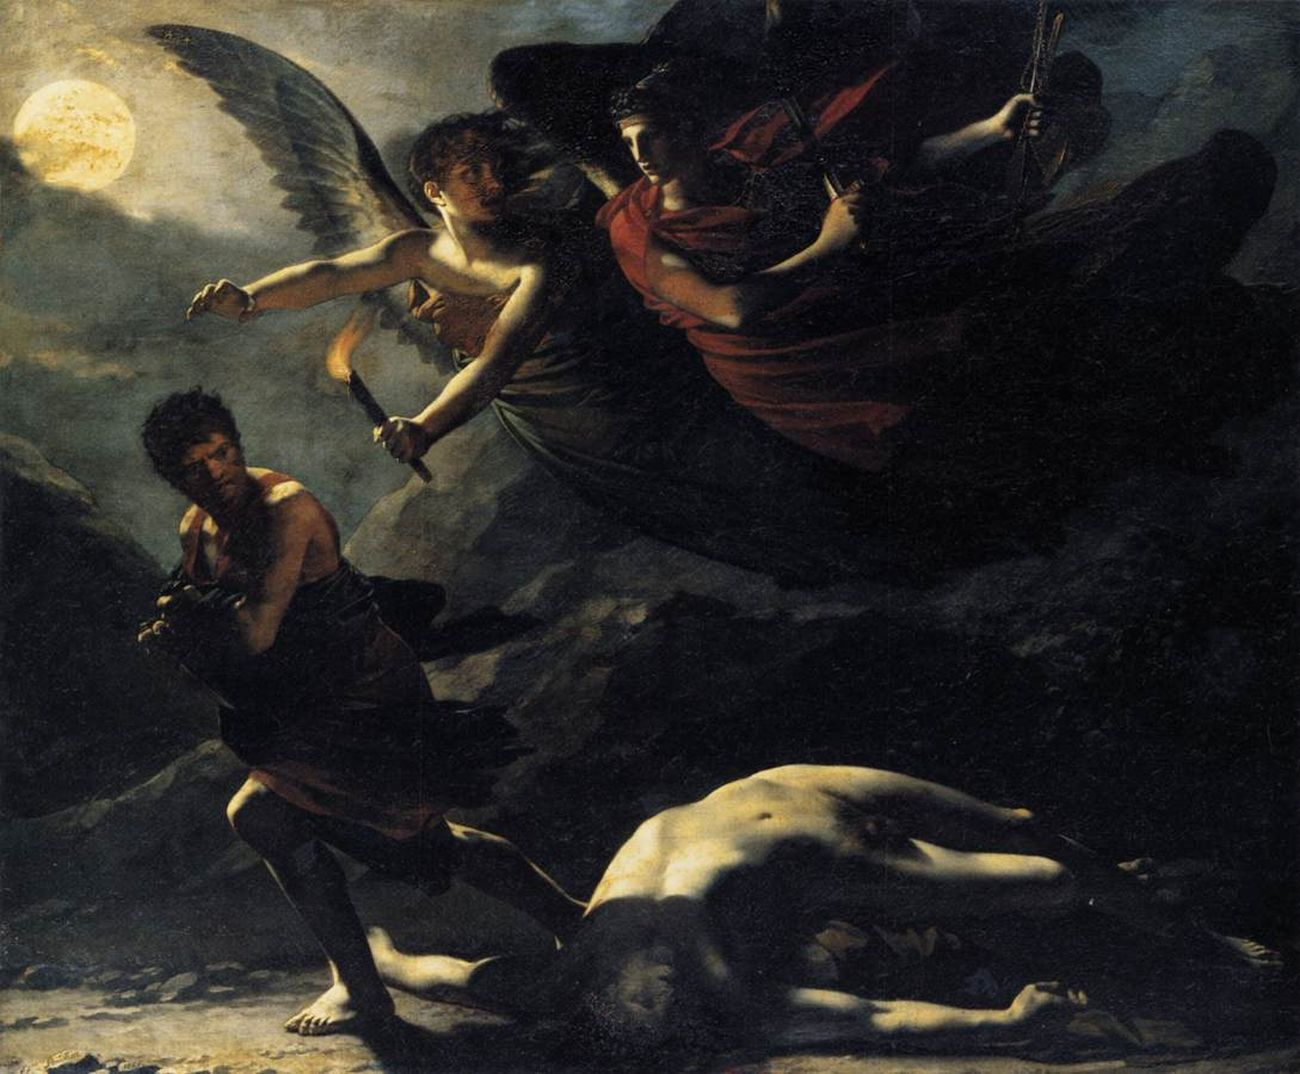 Pierre Paul Prud'hon, La Giustizia e la Vendetta divina perseguono il Crimine, 1805. Getty Museum, Los Angeles